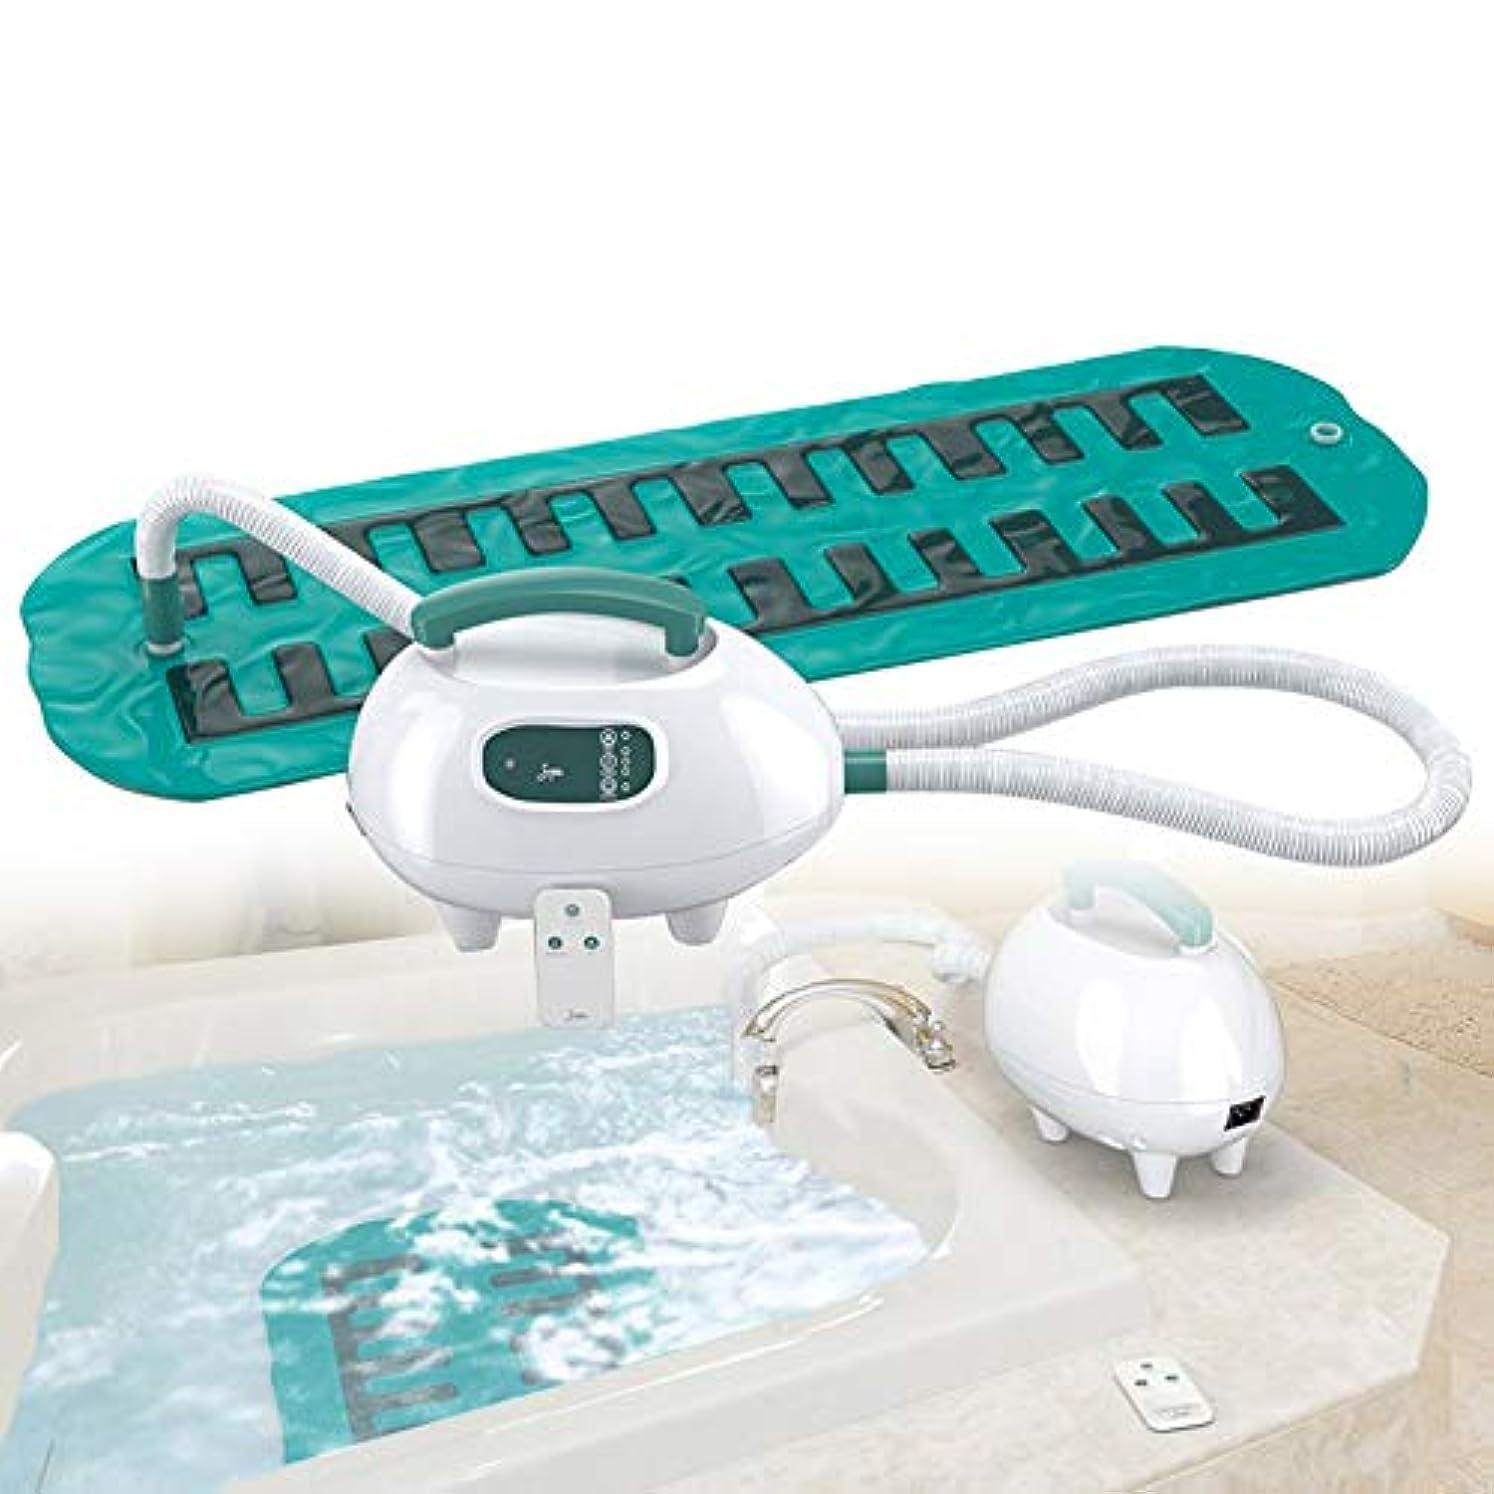 布神聖評価する贅沢 スパ バブル 浴 浴槽 マッサージ師、 ポータブル スパ 空気 浴槽 防水 滑り止め マット にとって くつろぐ マッサージ 体 と 熱 強力な 3 速度 リモコン & サクションカップ 底